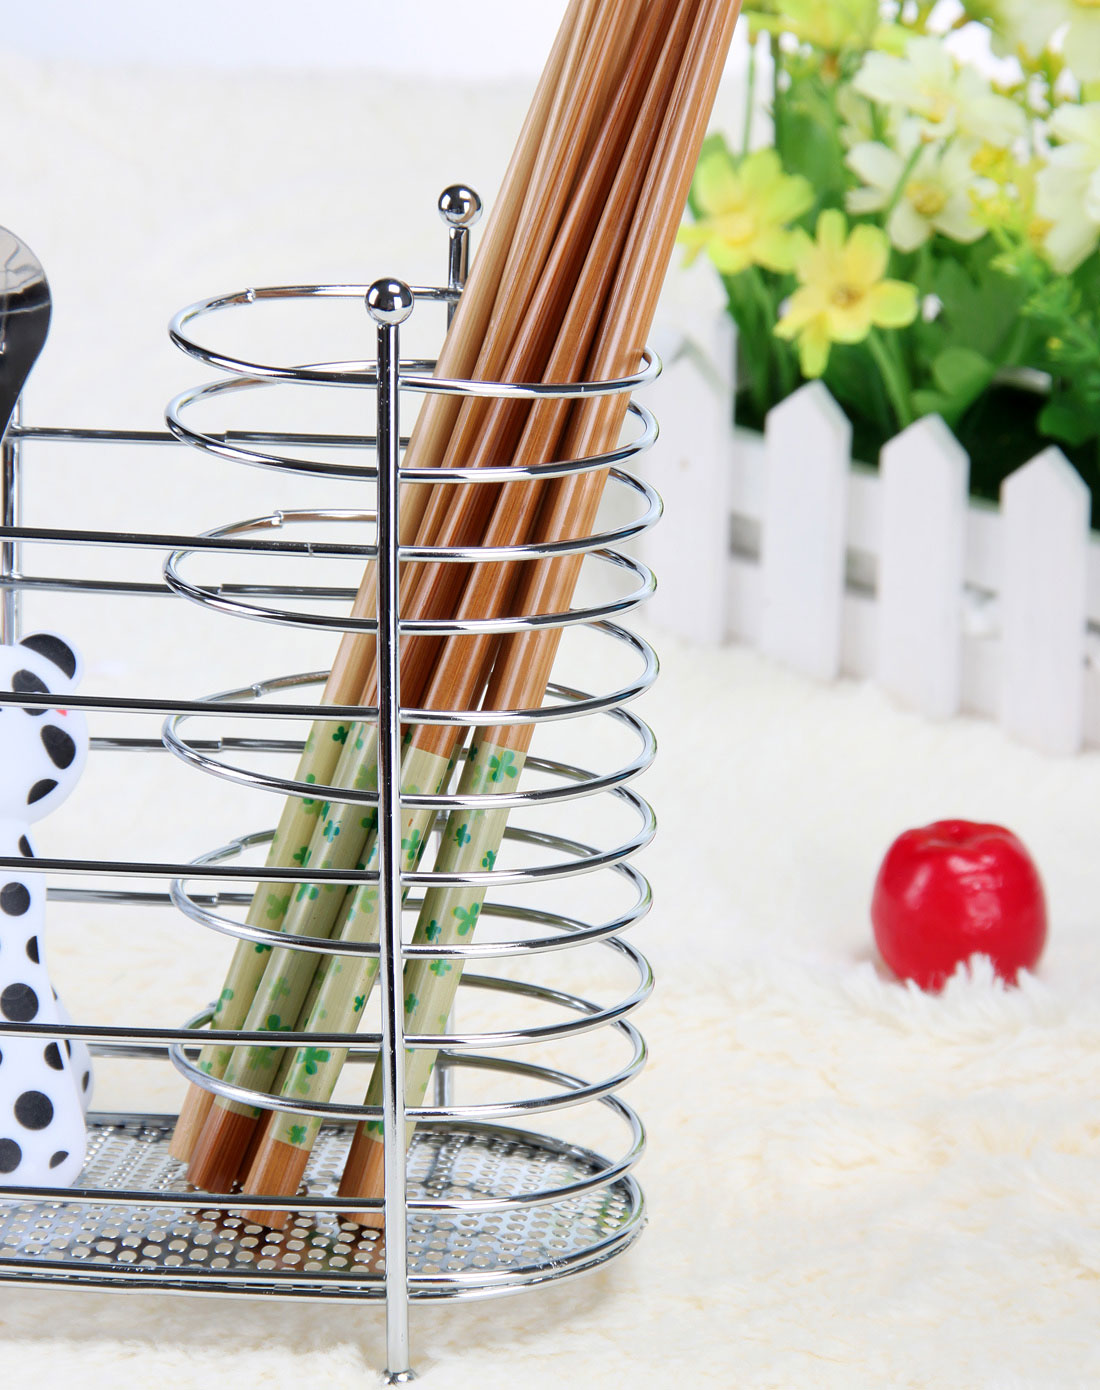 首页> h&3家居用品专场 > 银色金属筷子筒